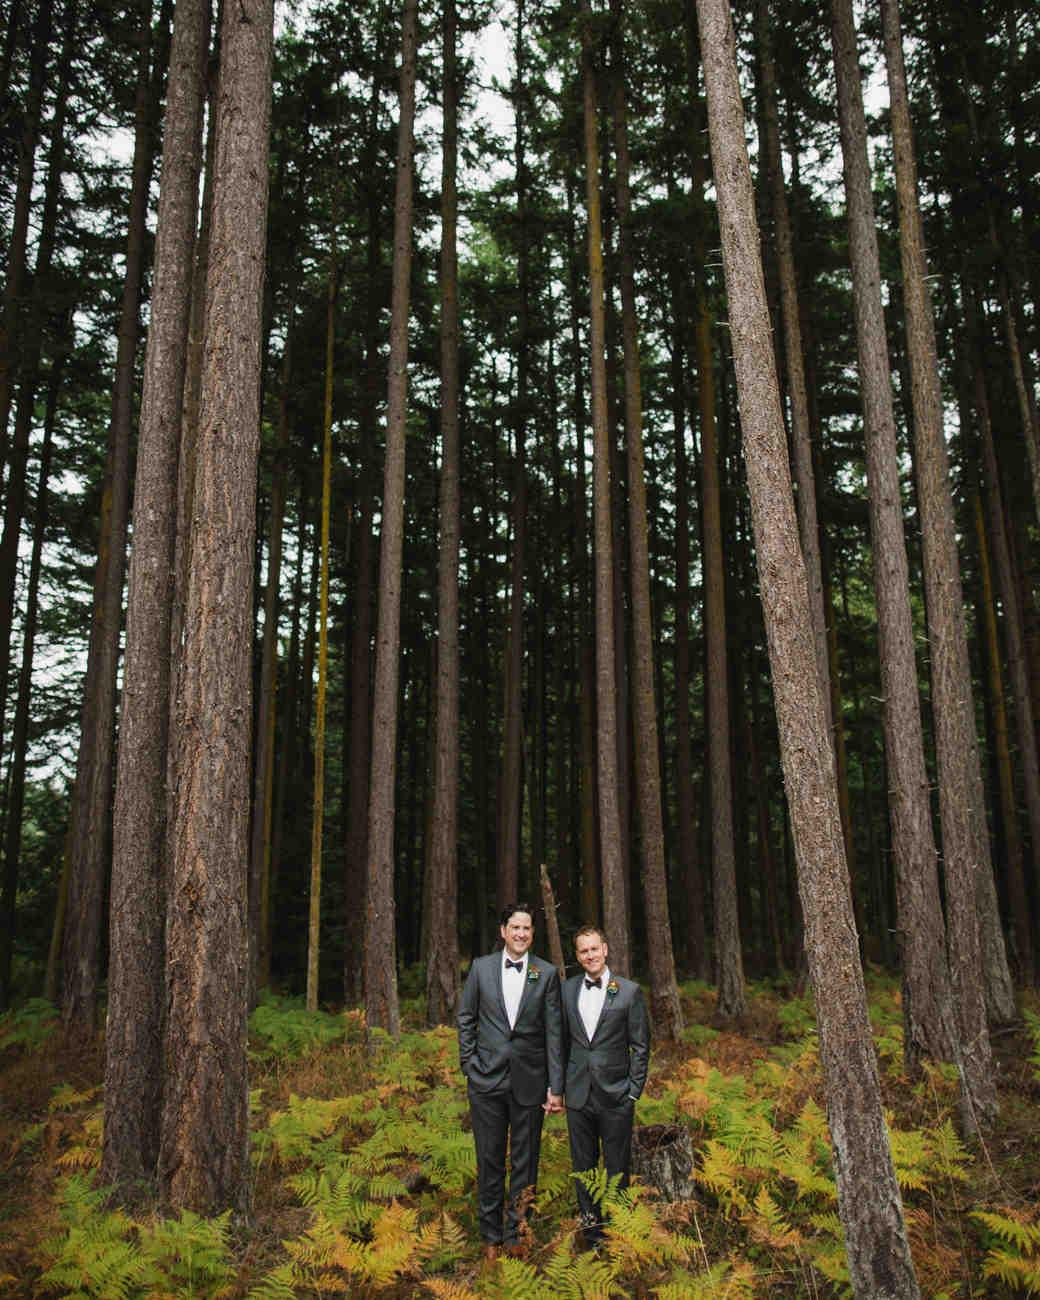 craig-andrew-wedding-couple-065-s111833-0215.jpg